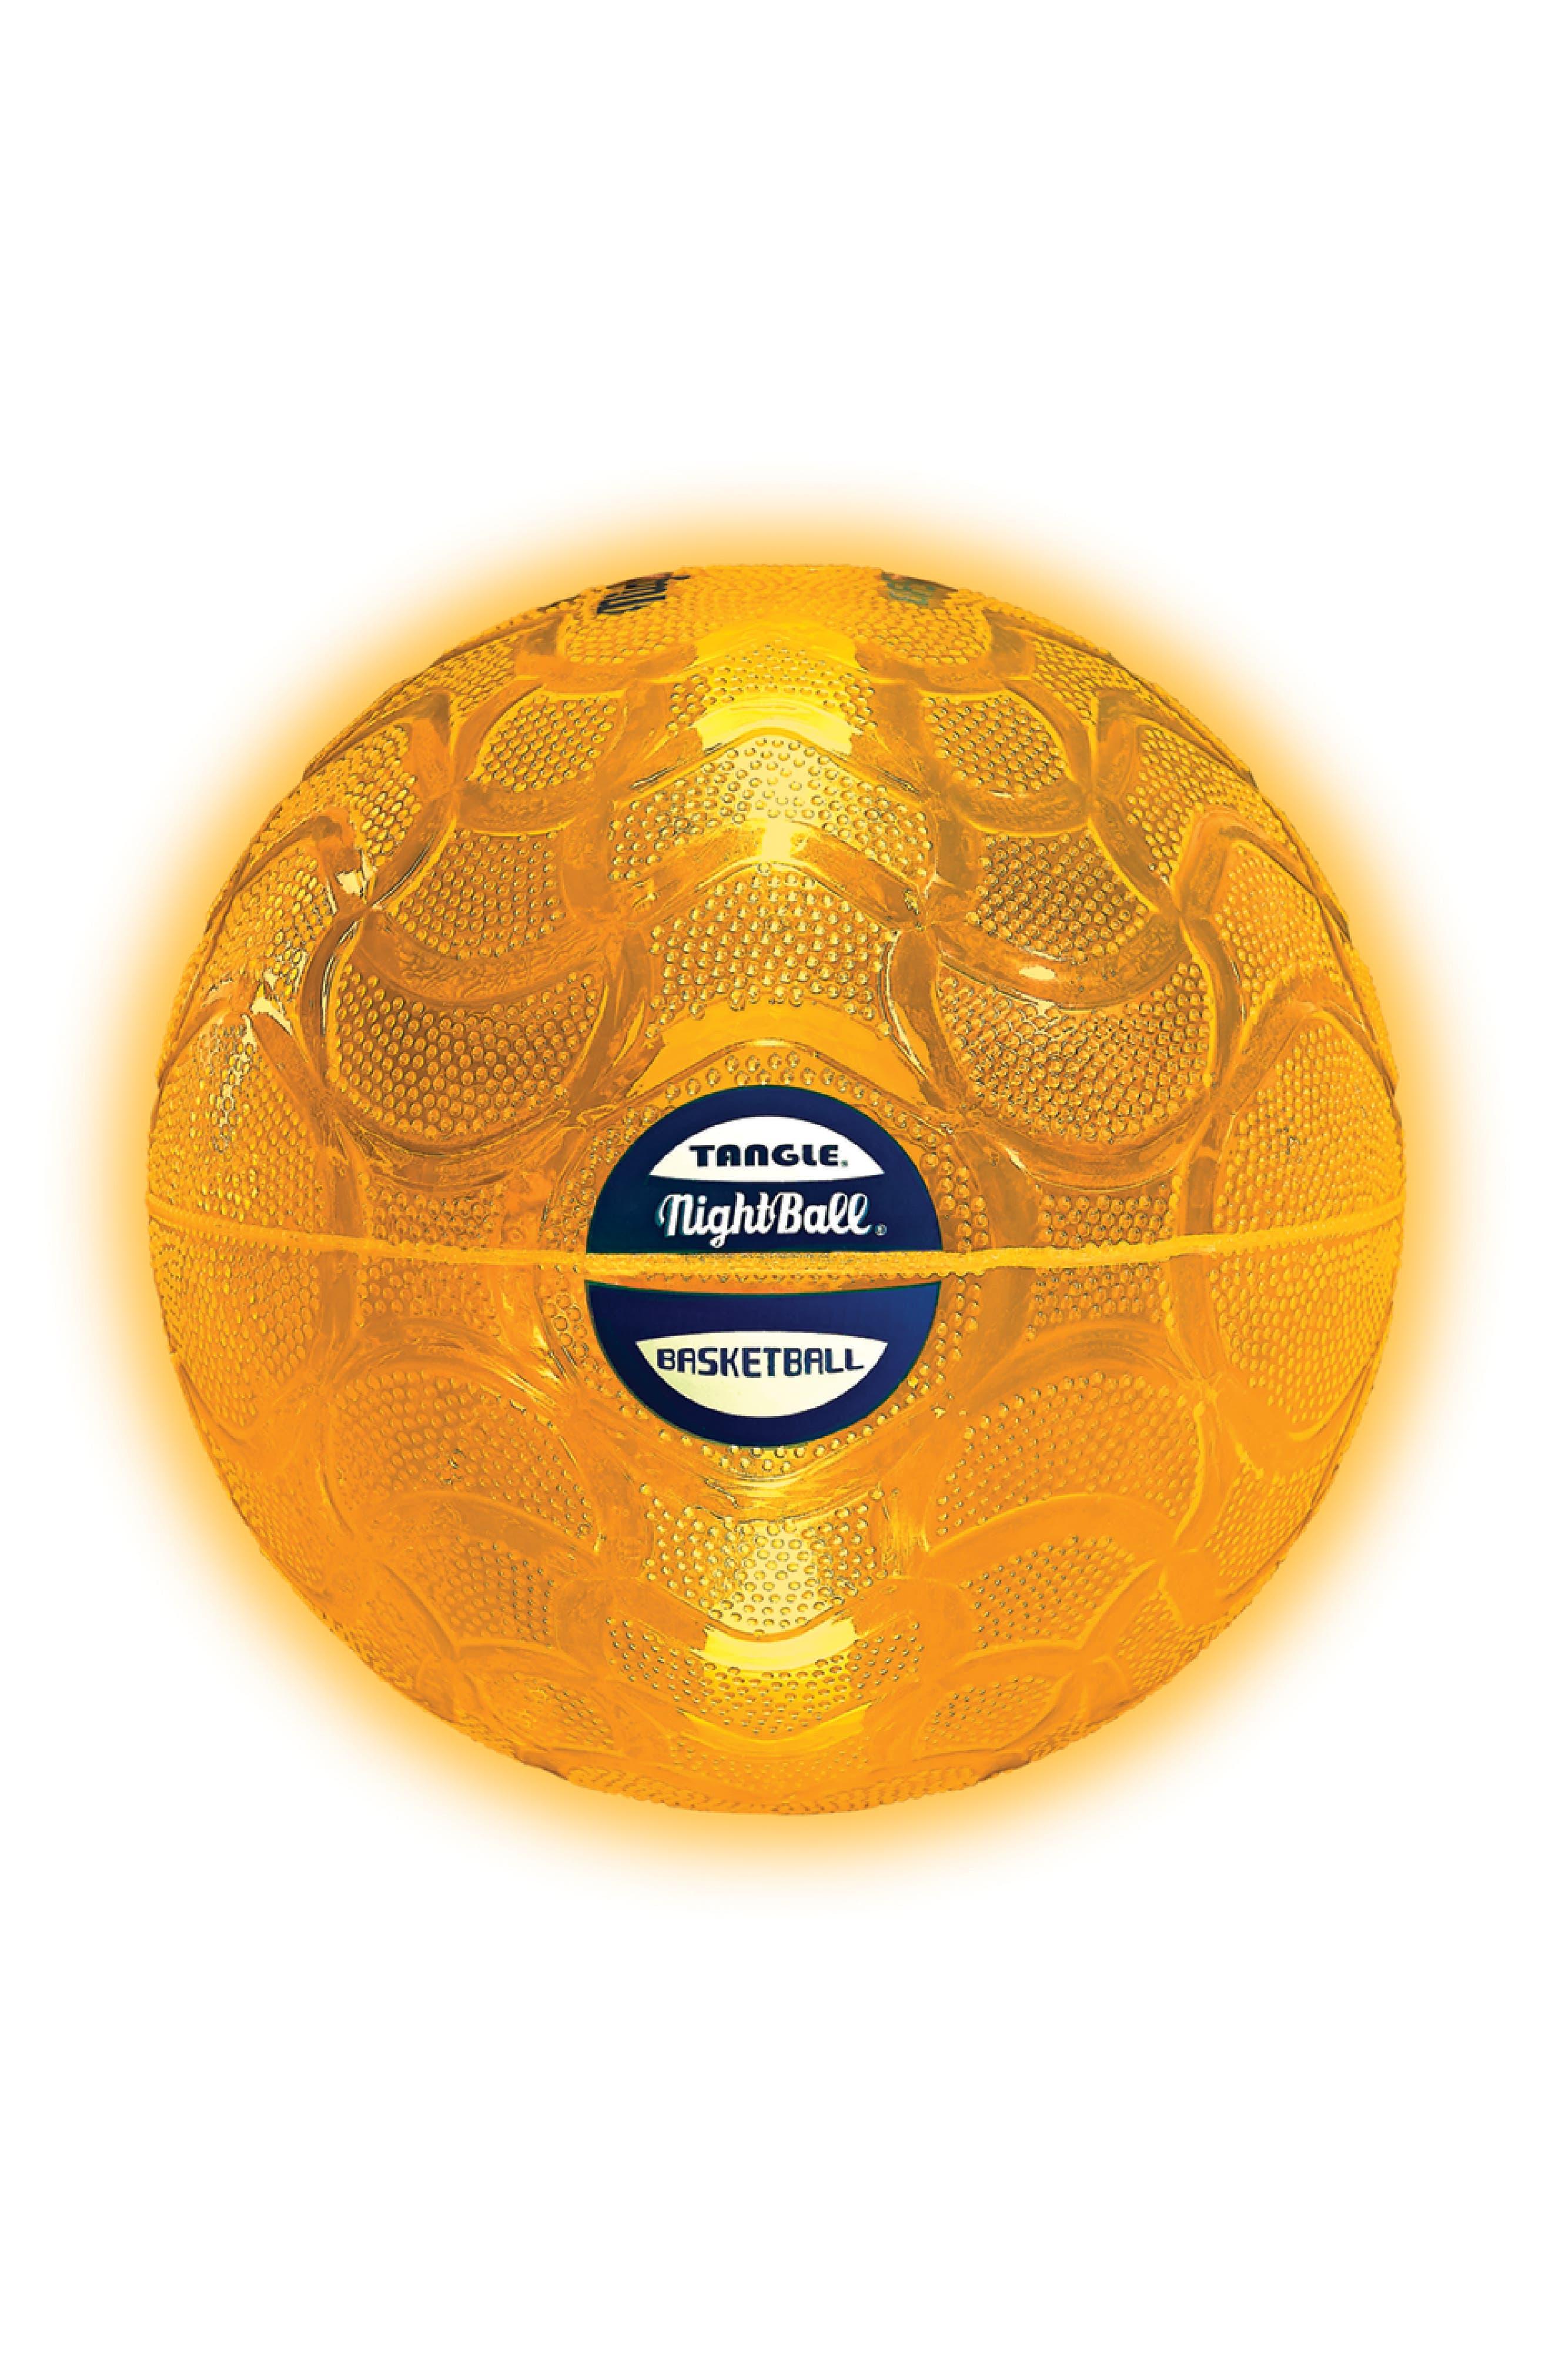 TANGLE NightBall Basketball, Main, color, ORANGE